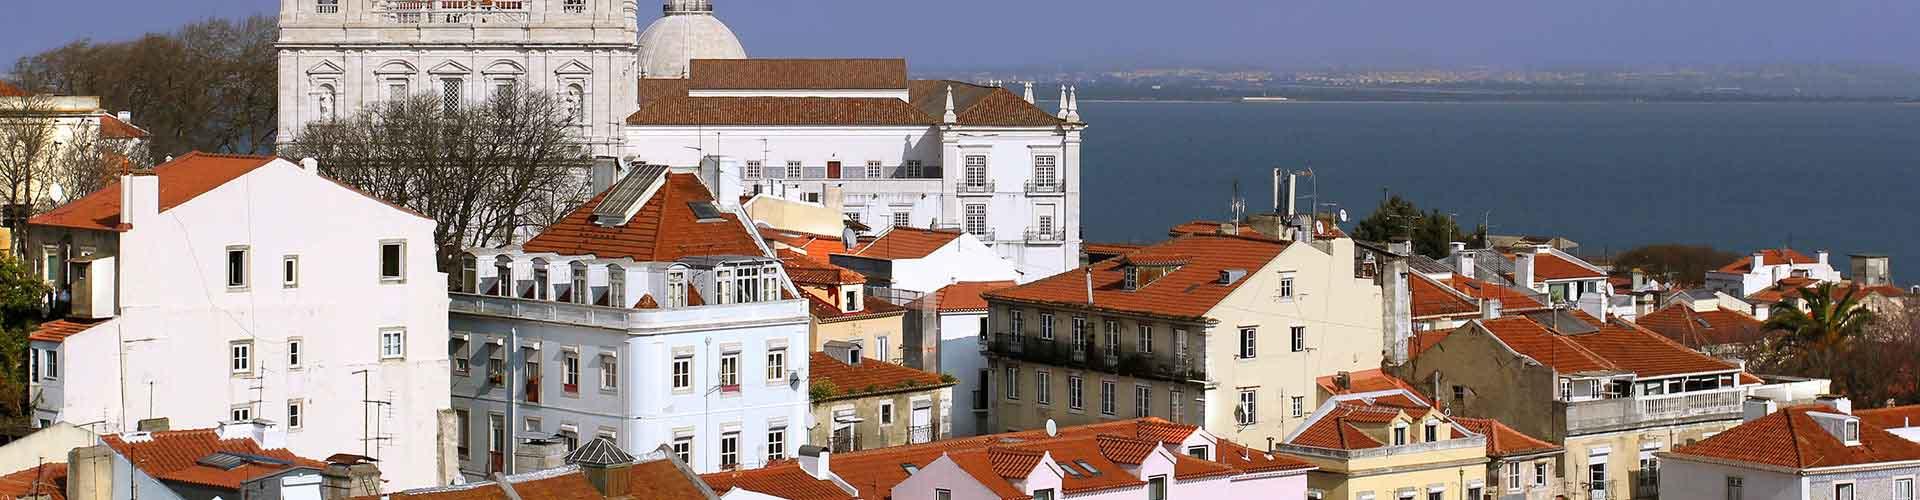 Lissabon – Hostels im Stadtteil Zentrum. Lissabon auf der Karte. Fotos und Bewertungen für jedes Hostel in Lissabon.